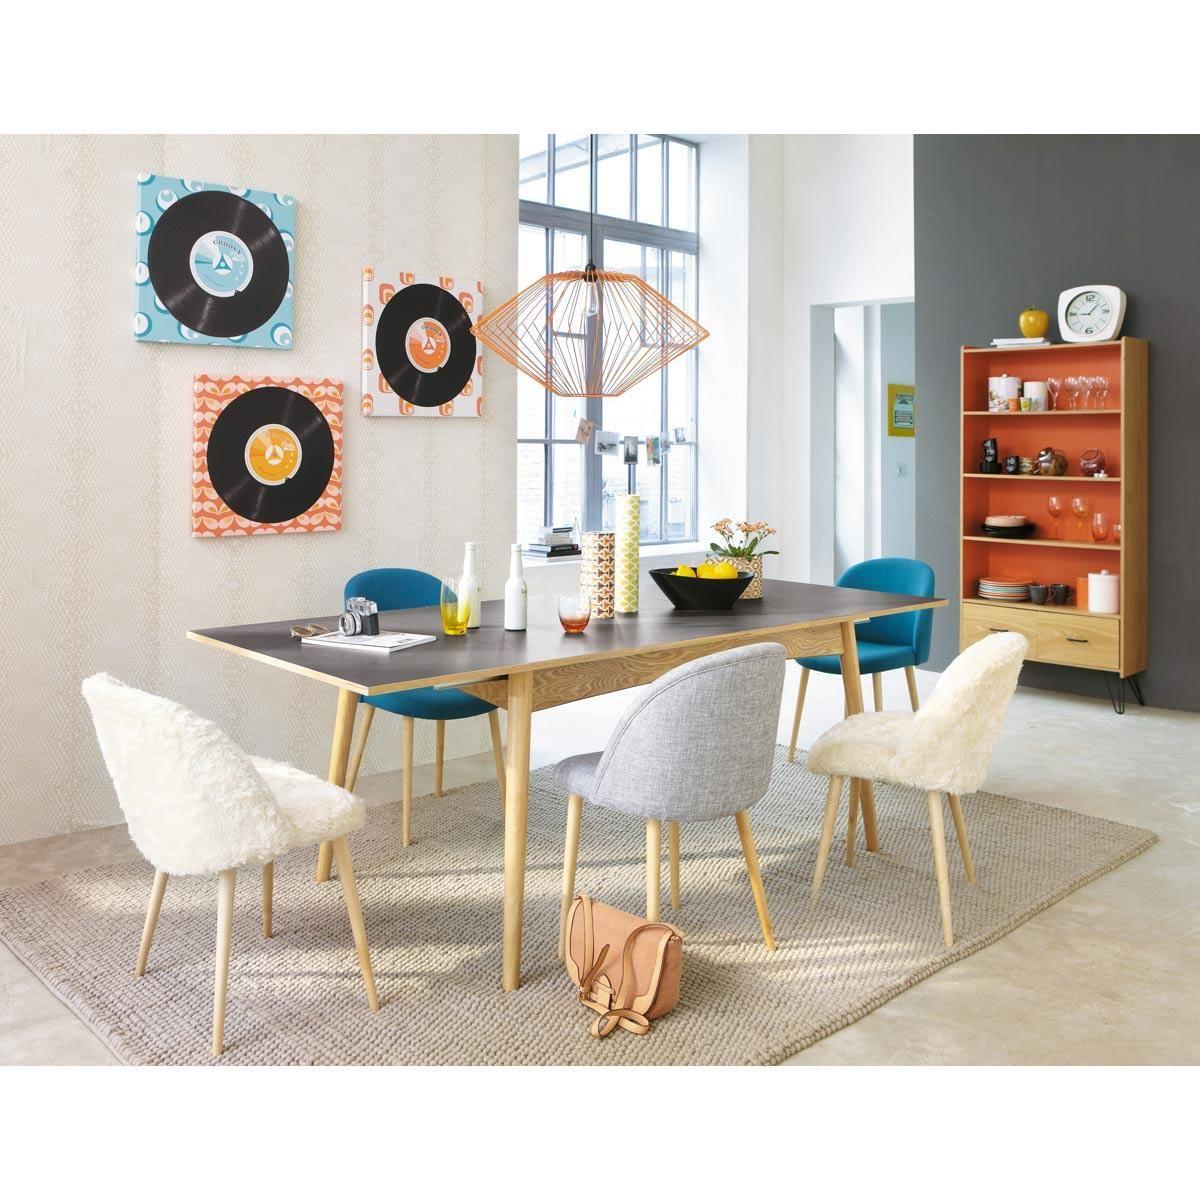 Table manger extensible 6 10 personnes gris anthracite - Maisons du monde chaises ...